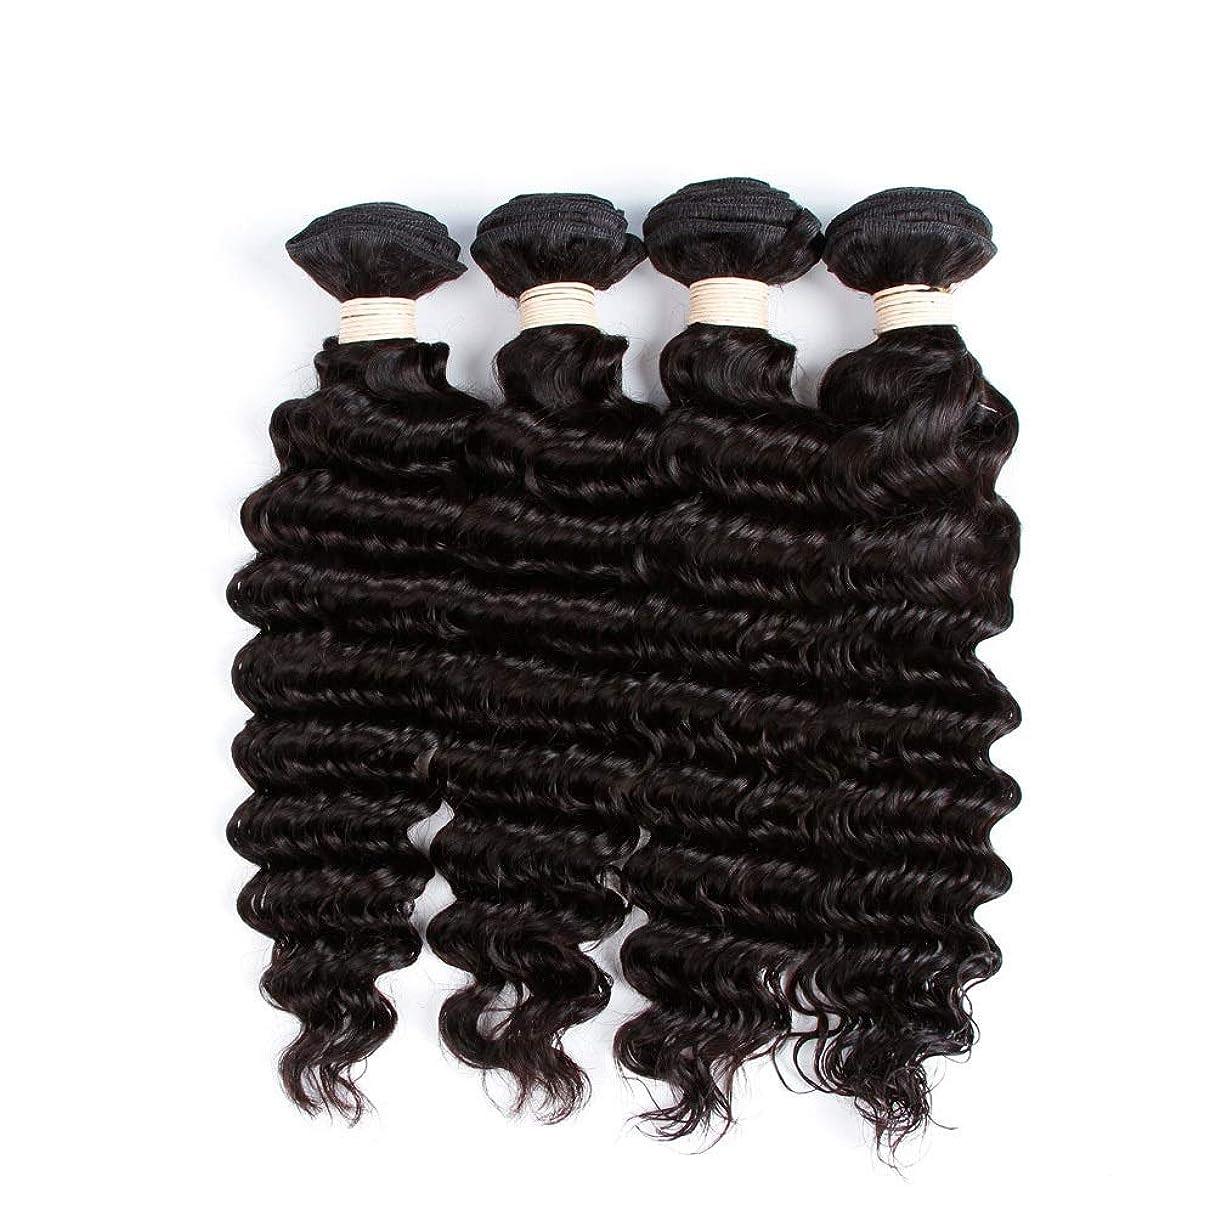 サミットハイキングに行く線YESONEEP 未処理のブラジルの深い巻き毛の束本物の人間のバージンヘアエクステンション - 1束#1Bナチュラルカラー(100 +/- 5g)/ pc女性複合かつらレースかつらロールプレイングかつら (色 : 黒, サイズ : 28 inch)